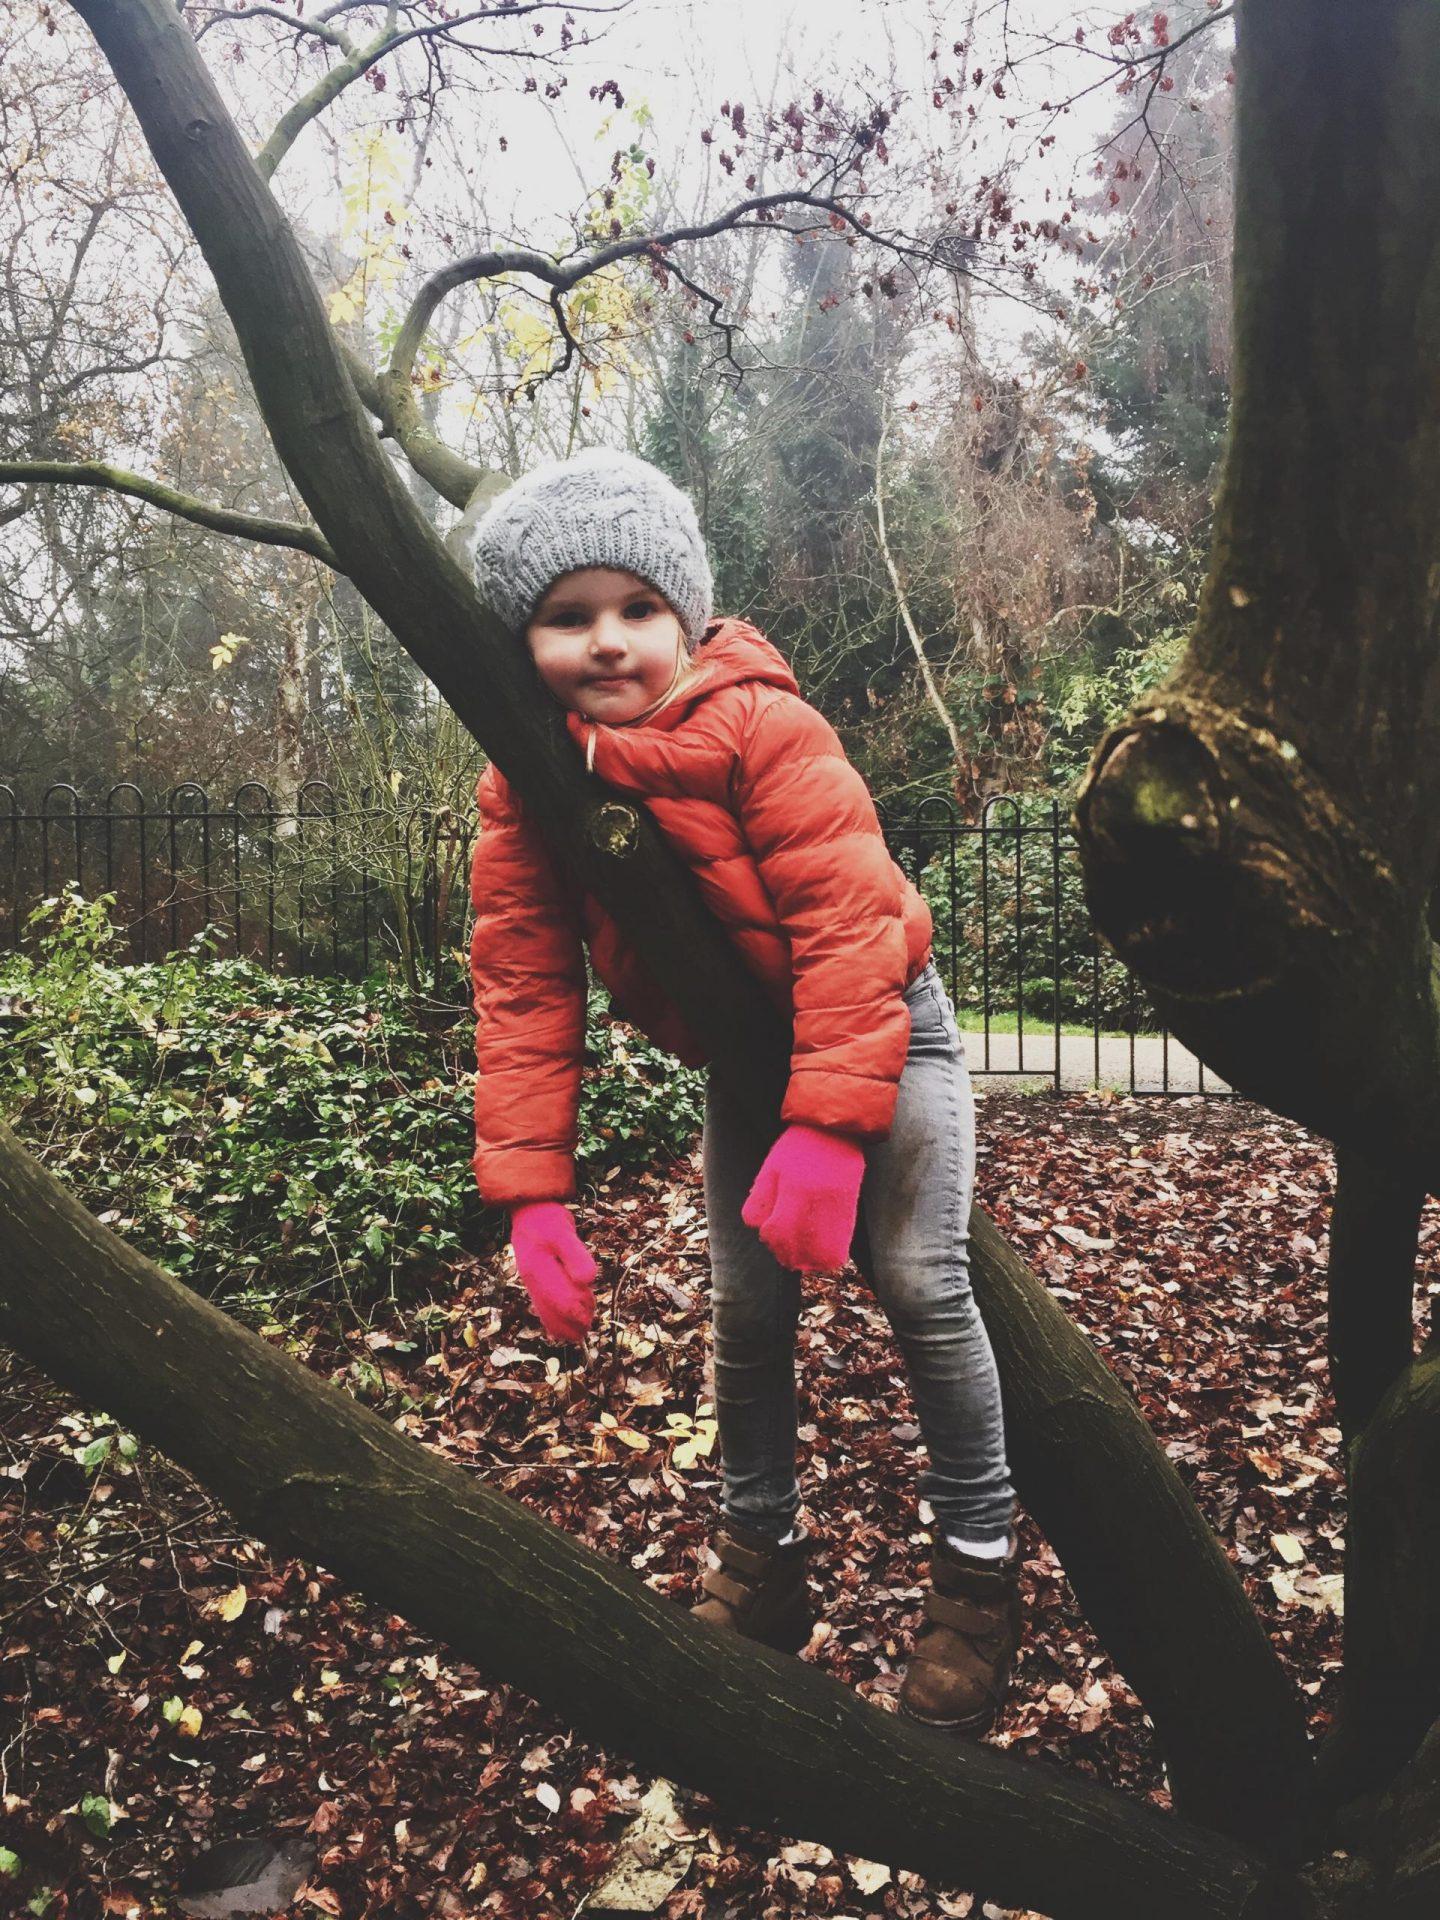 bops in a tree